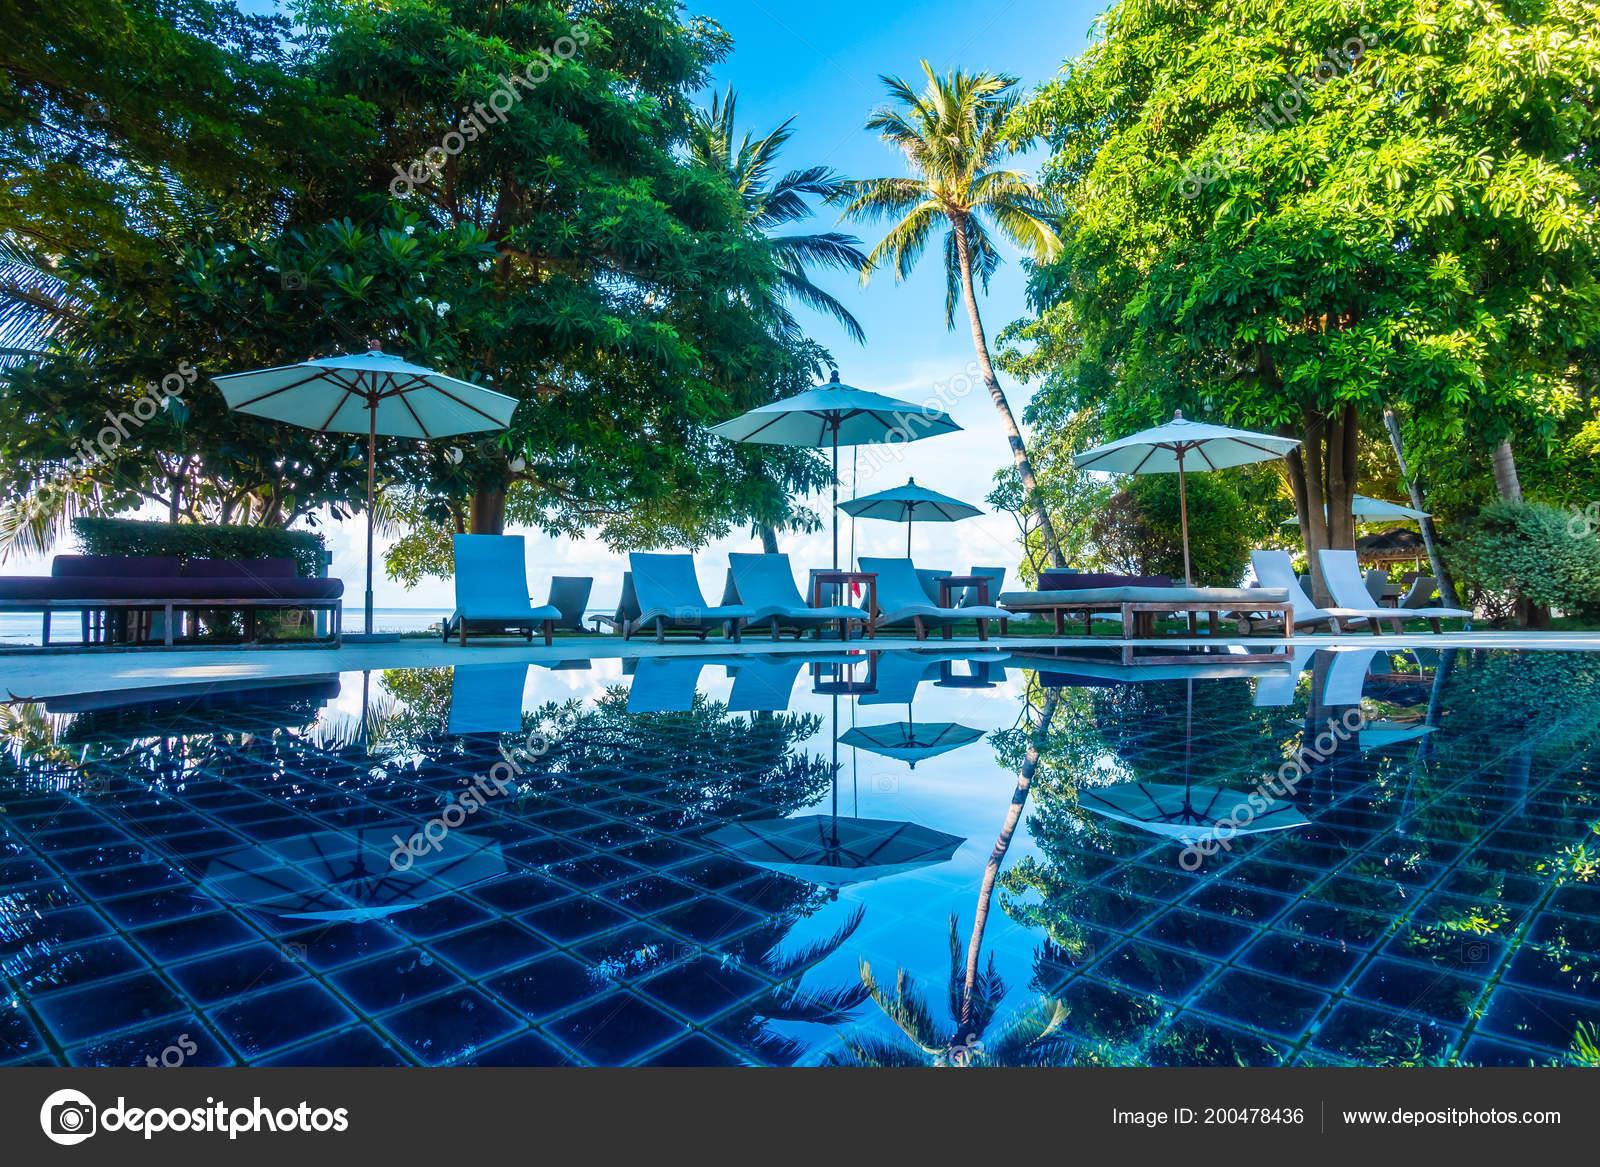 Schone Luxus Aussenpool Mit Regenschirm Und Stuhl Hotels Und Resorts